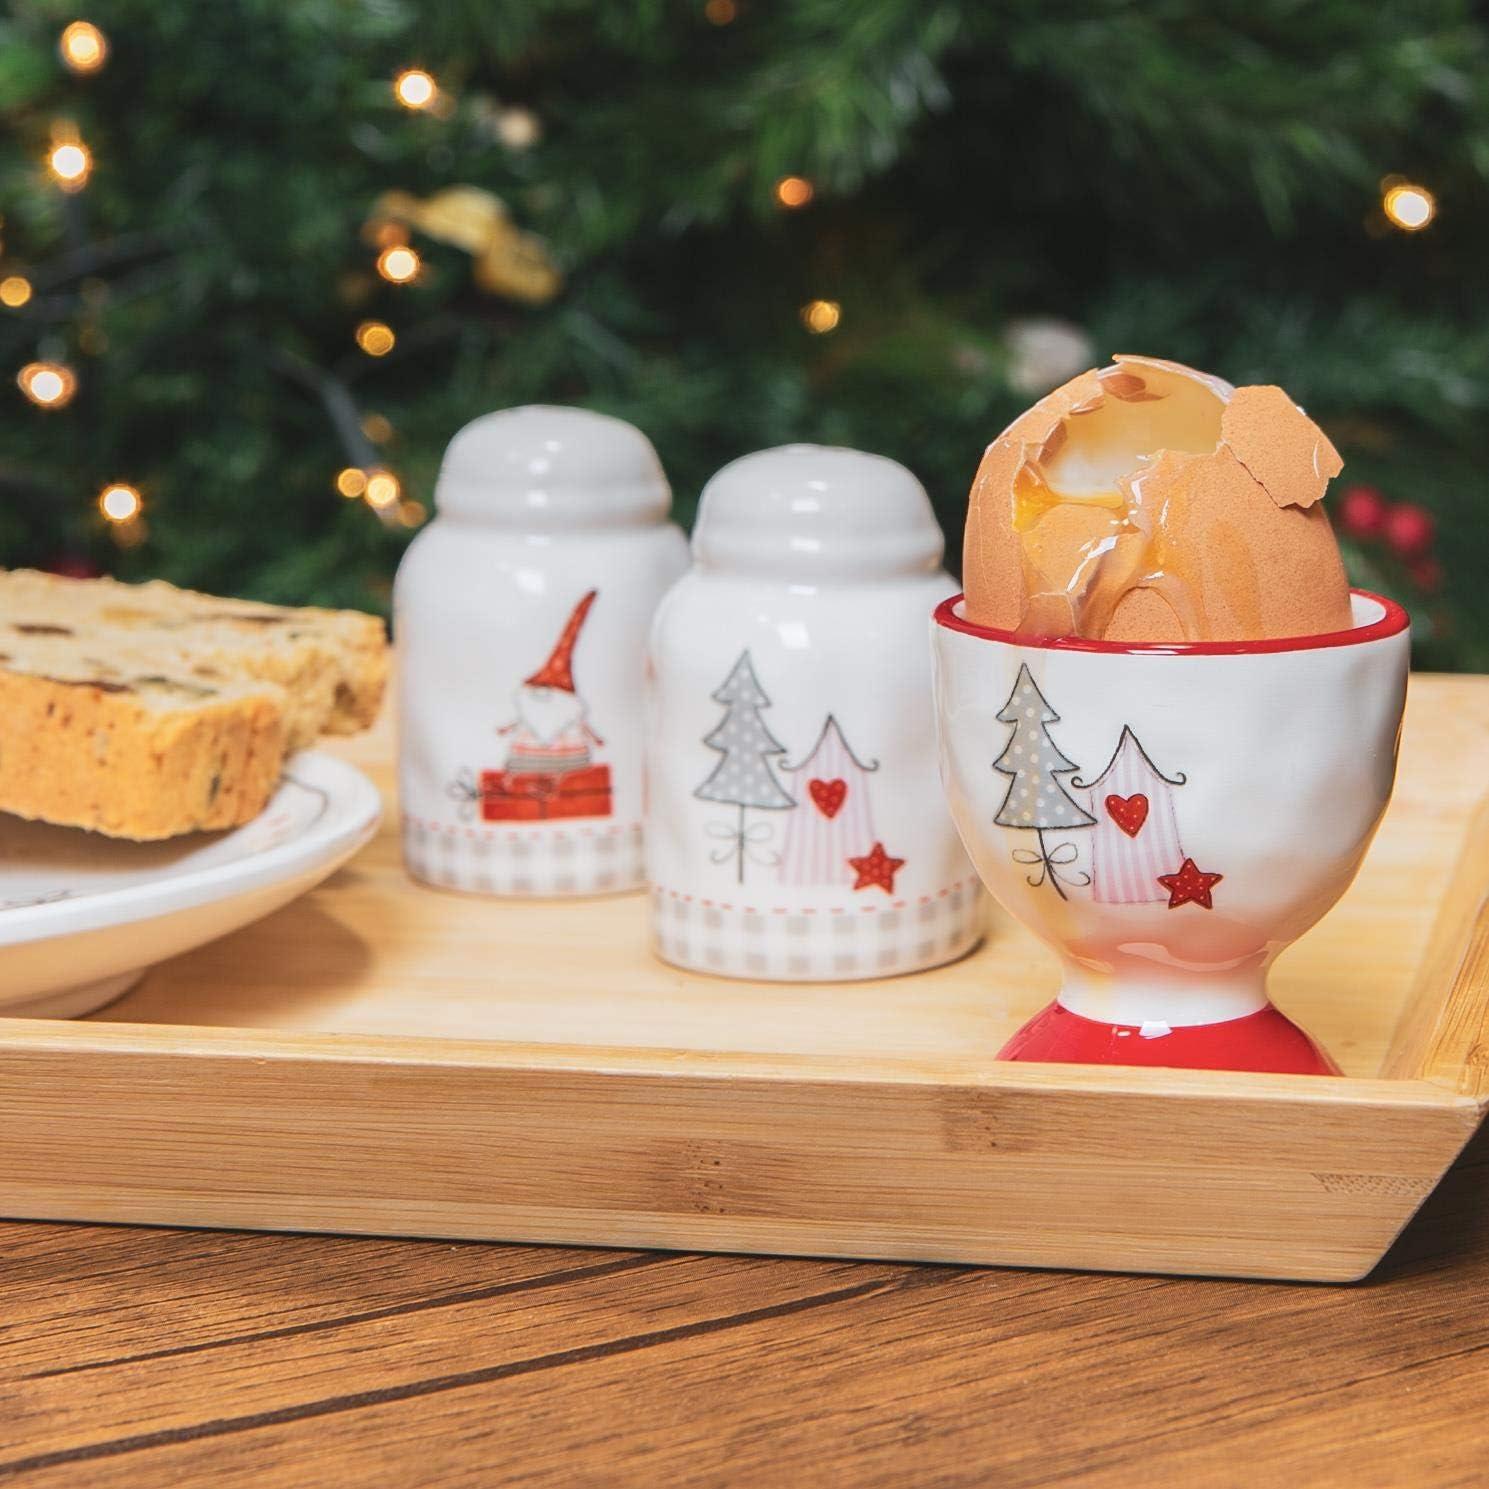 Nicola Spring 4 St/ück Weihnachtseierbecher Set Patchwork Neuheit Festliche Weihnachten Geschirr